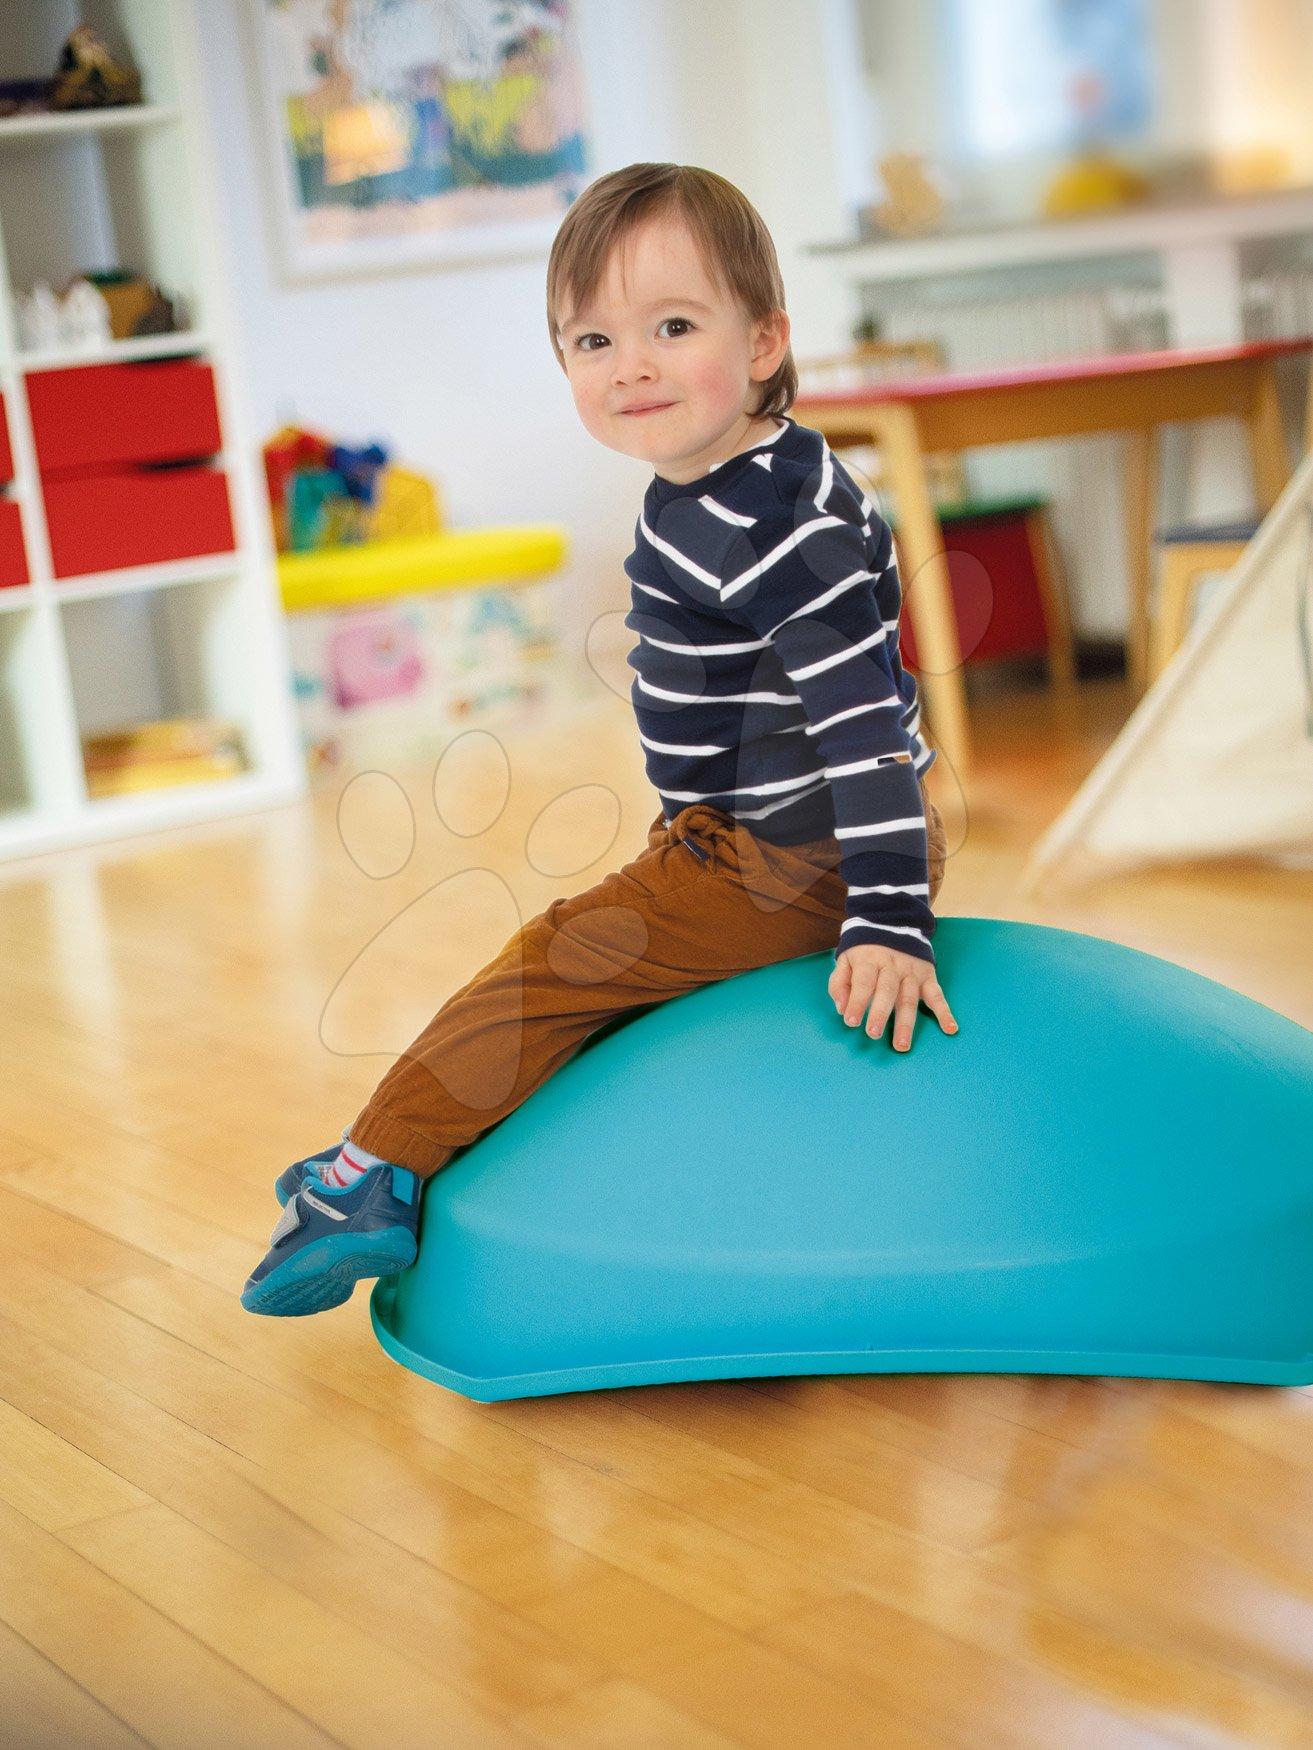 Skluzavky pro děti - Balanční kužel s polštářem Cosy Top Swing Smoby multifunkční skluzavka na rozvoj pohybu od 12 měsíců